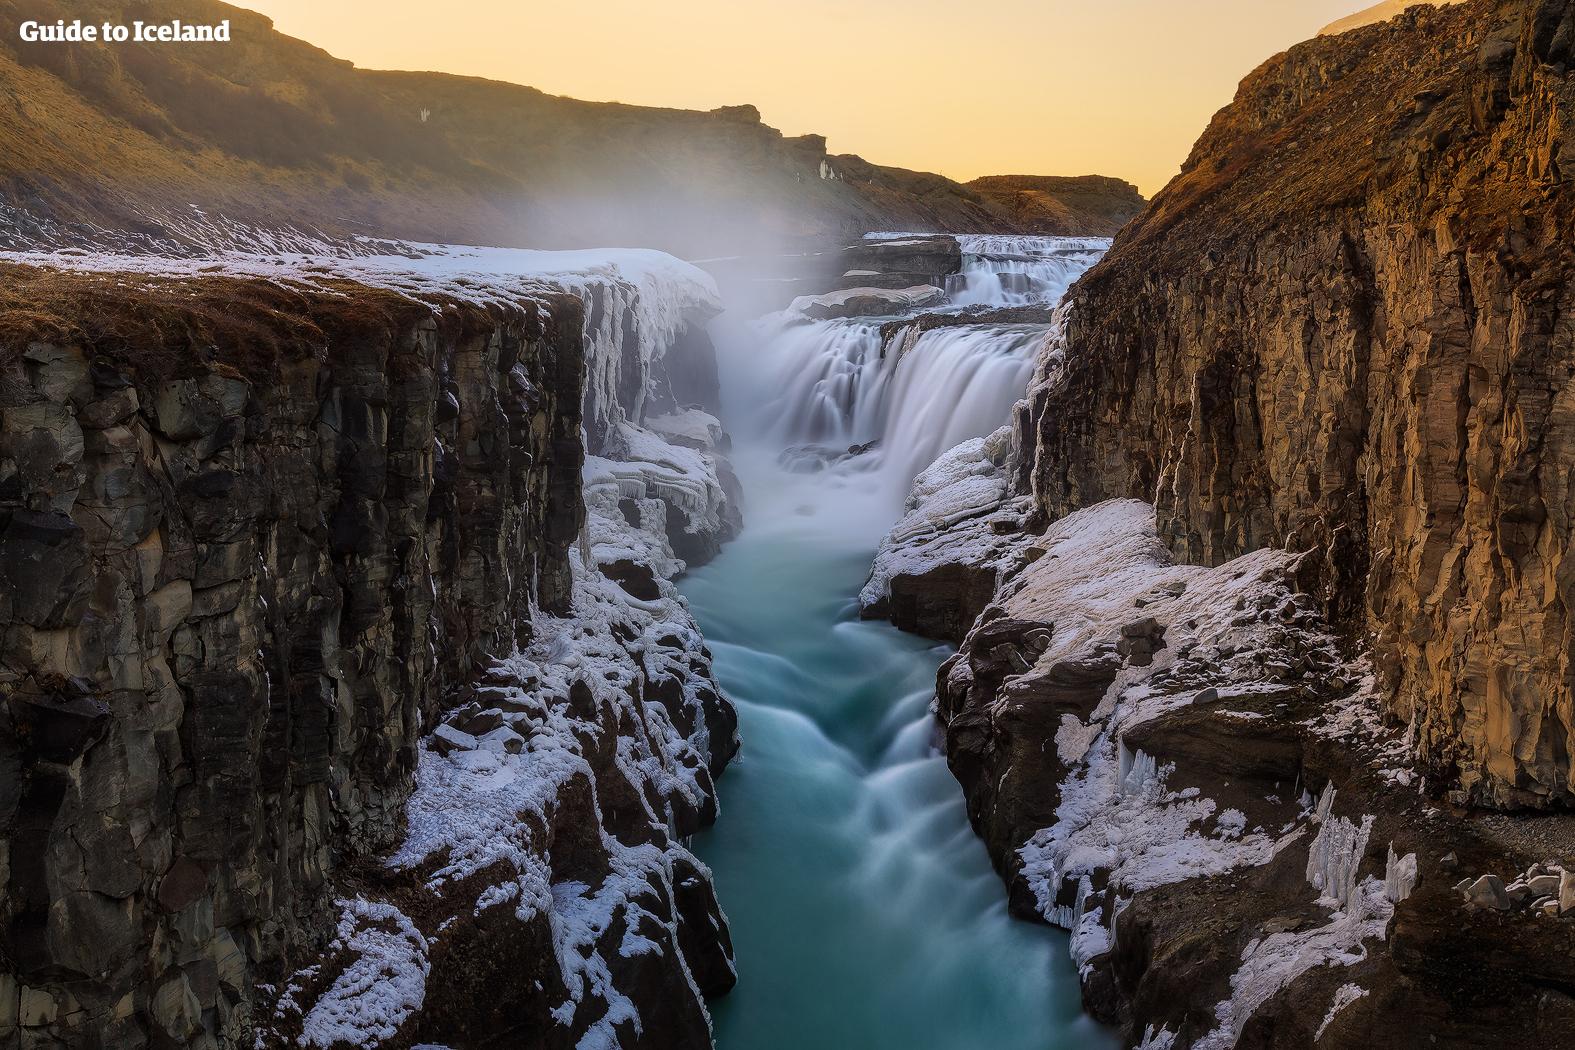 El valle en el que cae Gullfoss se congela a medida que el invierno se apodera del sur de Islandia.